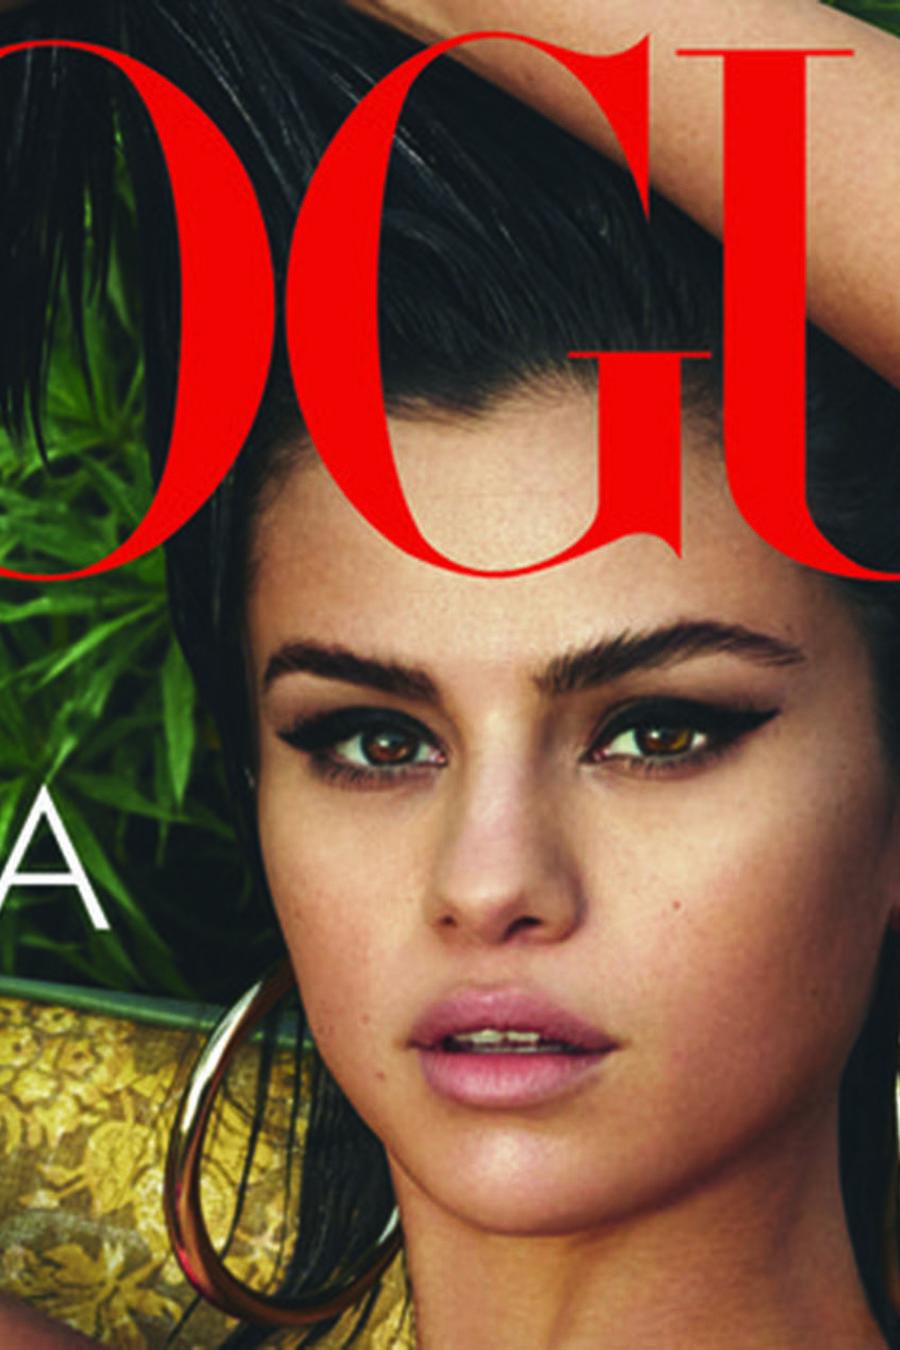 Selena Gomez en la portada de Vogue